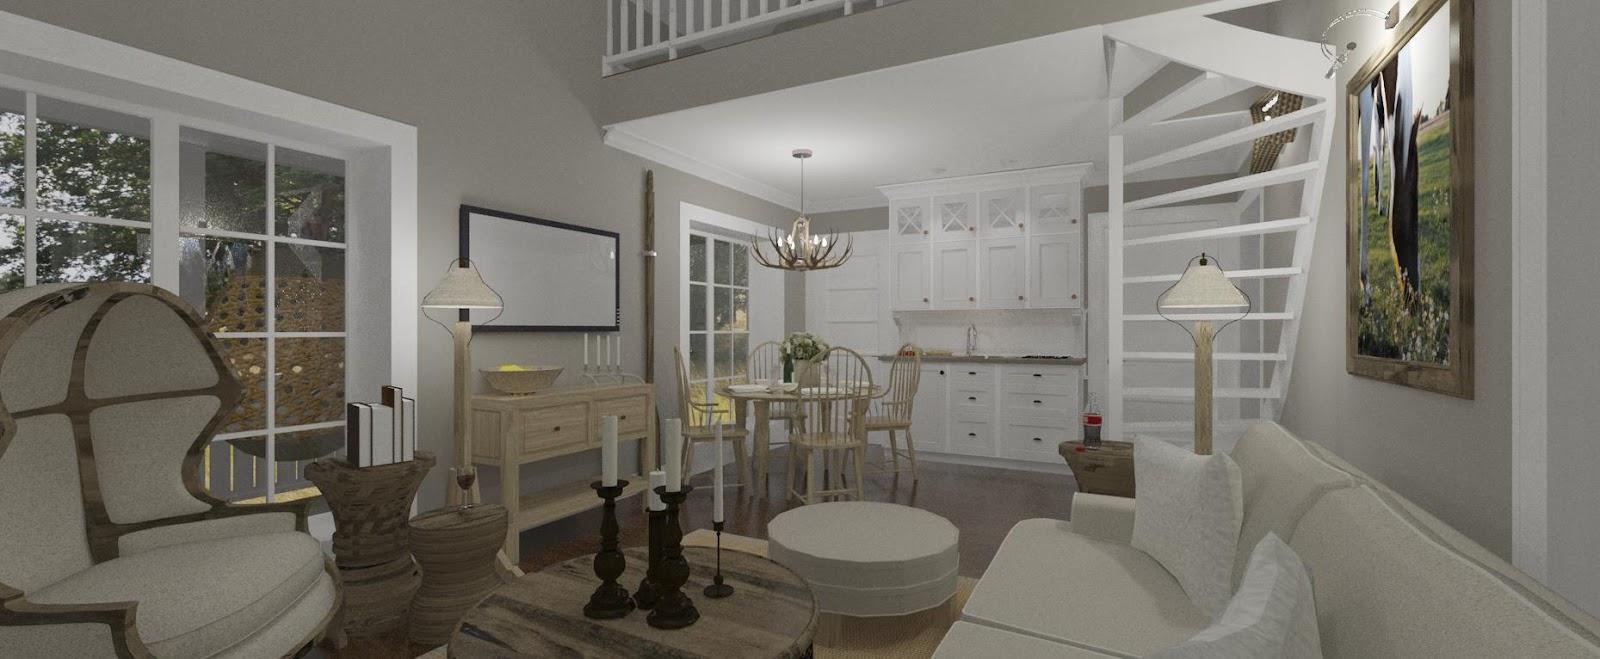 Den Vita Drömgården: Gästhus i New England stil på 48 kvadratmeter